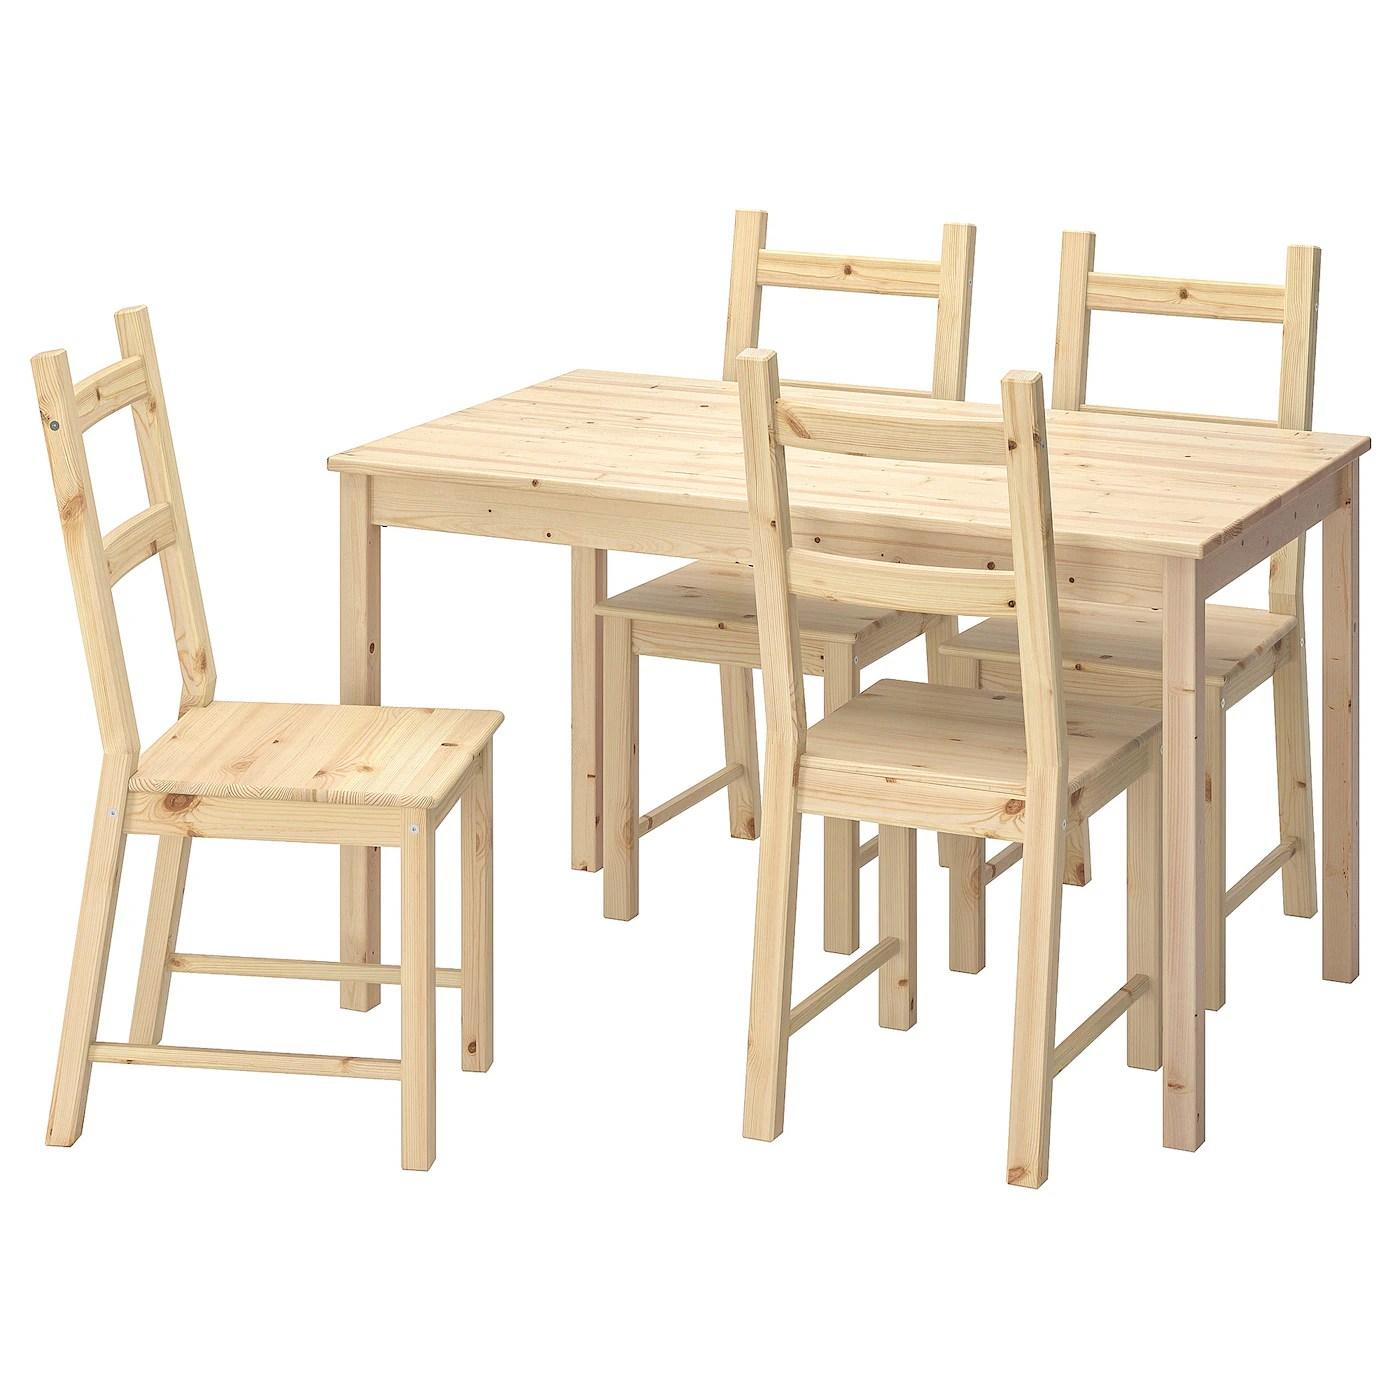 L'altezza dei mobili cucina da terra e delle basi è di una misura che va rispettivamente dagli 85 ai 90 centimetri. Set Per Zona Pranzo Ikea It